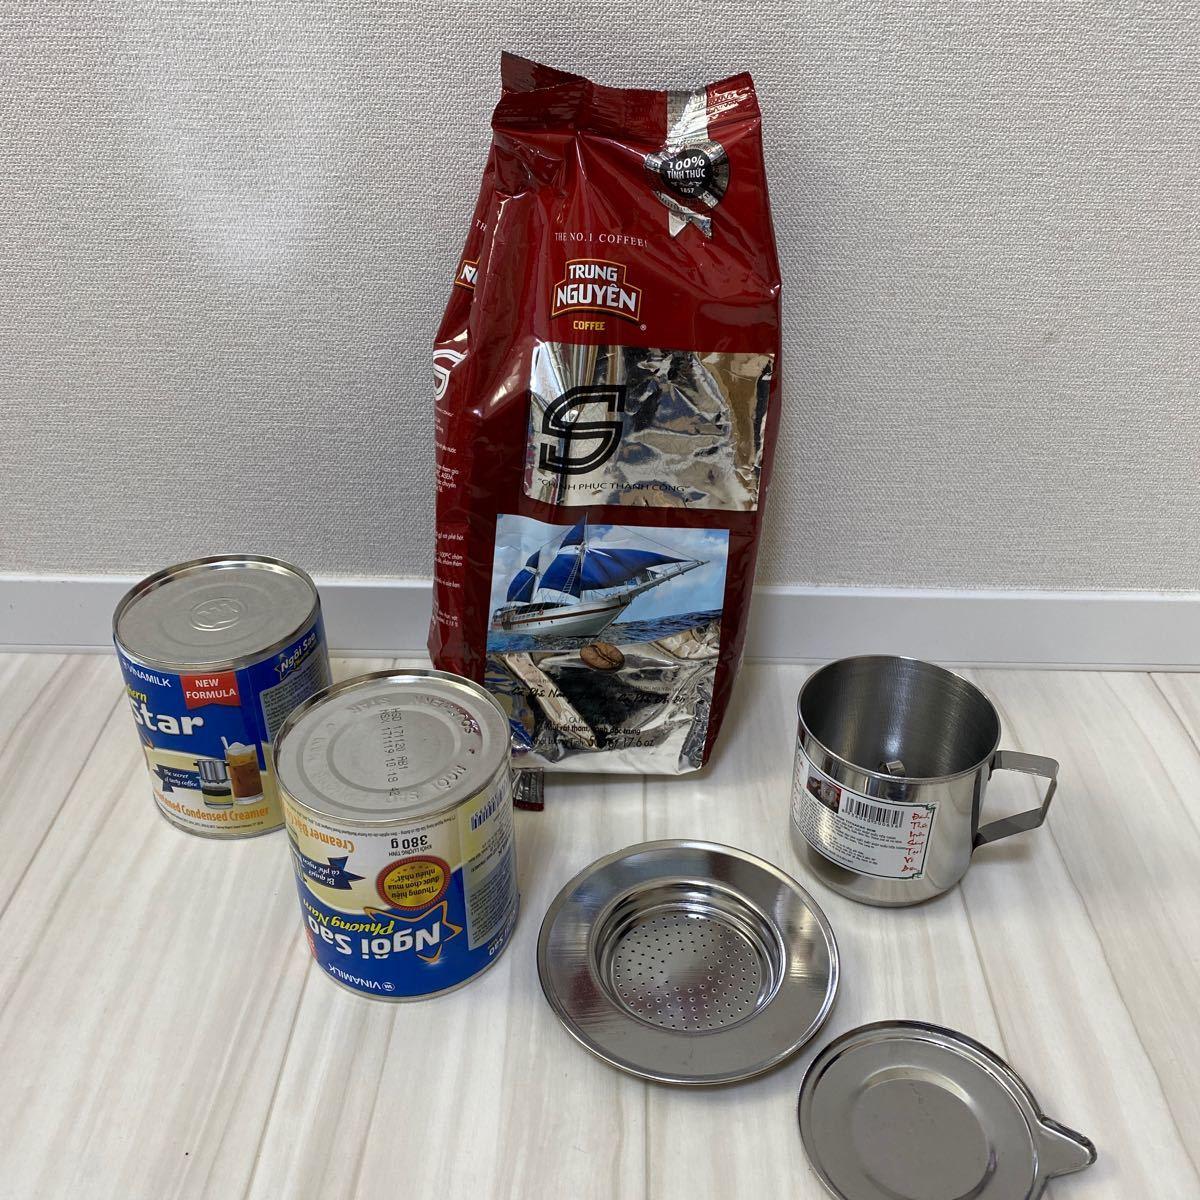 ベトナムコーヒー 容器 コーヒー ミルク セット